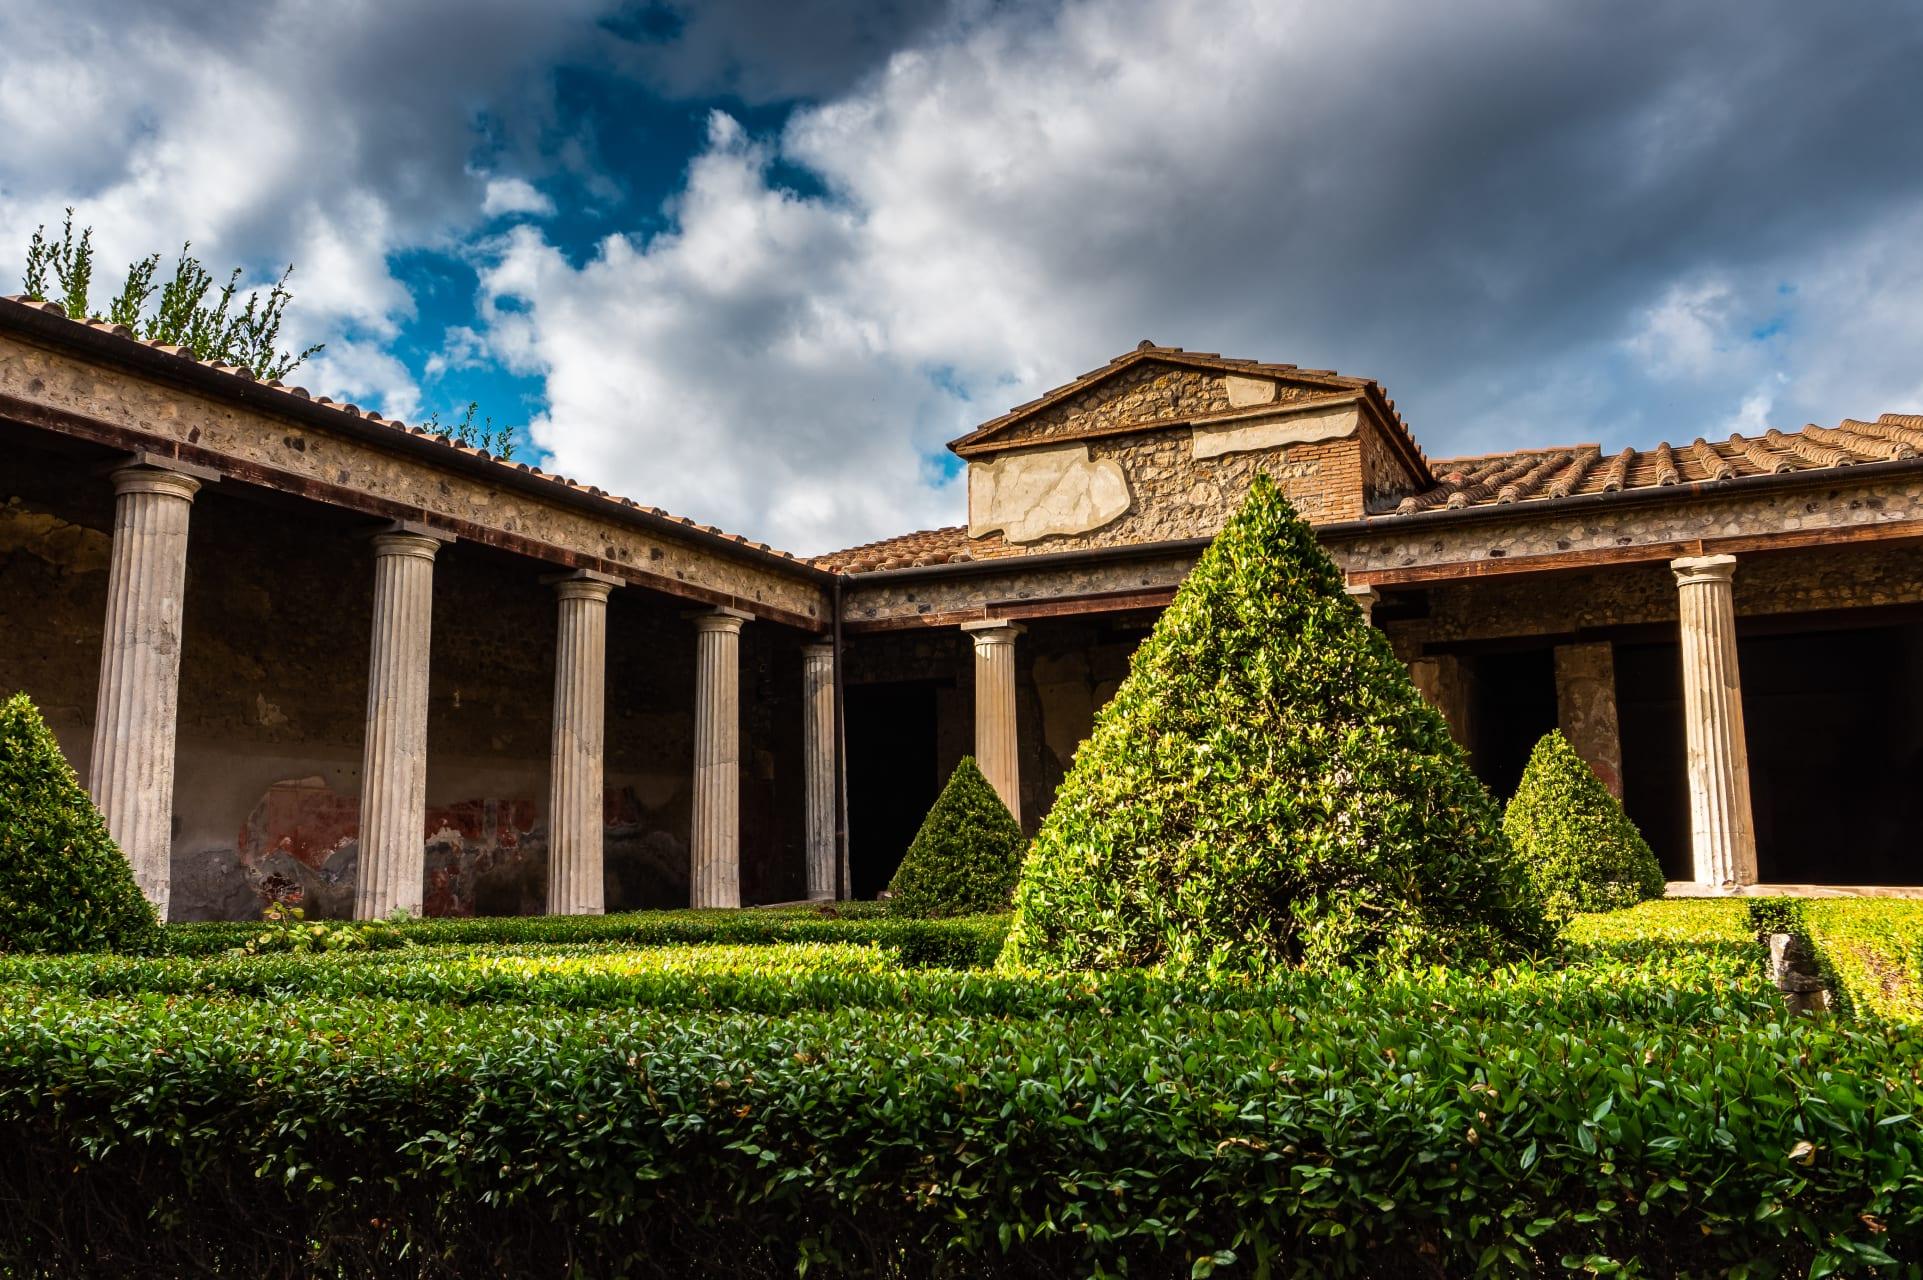 Pompeii and  Herculaneum - Pompeii Director's Cut: Otium and Painting Walls